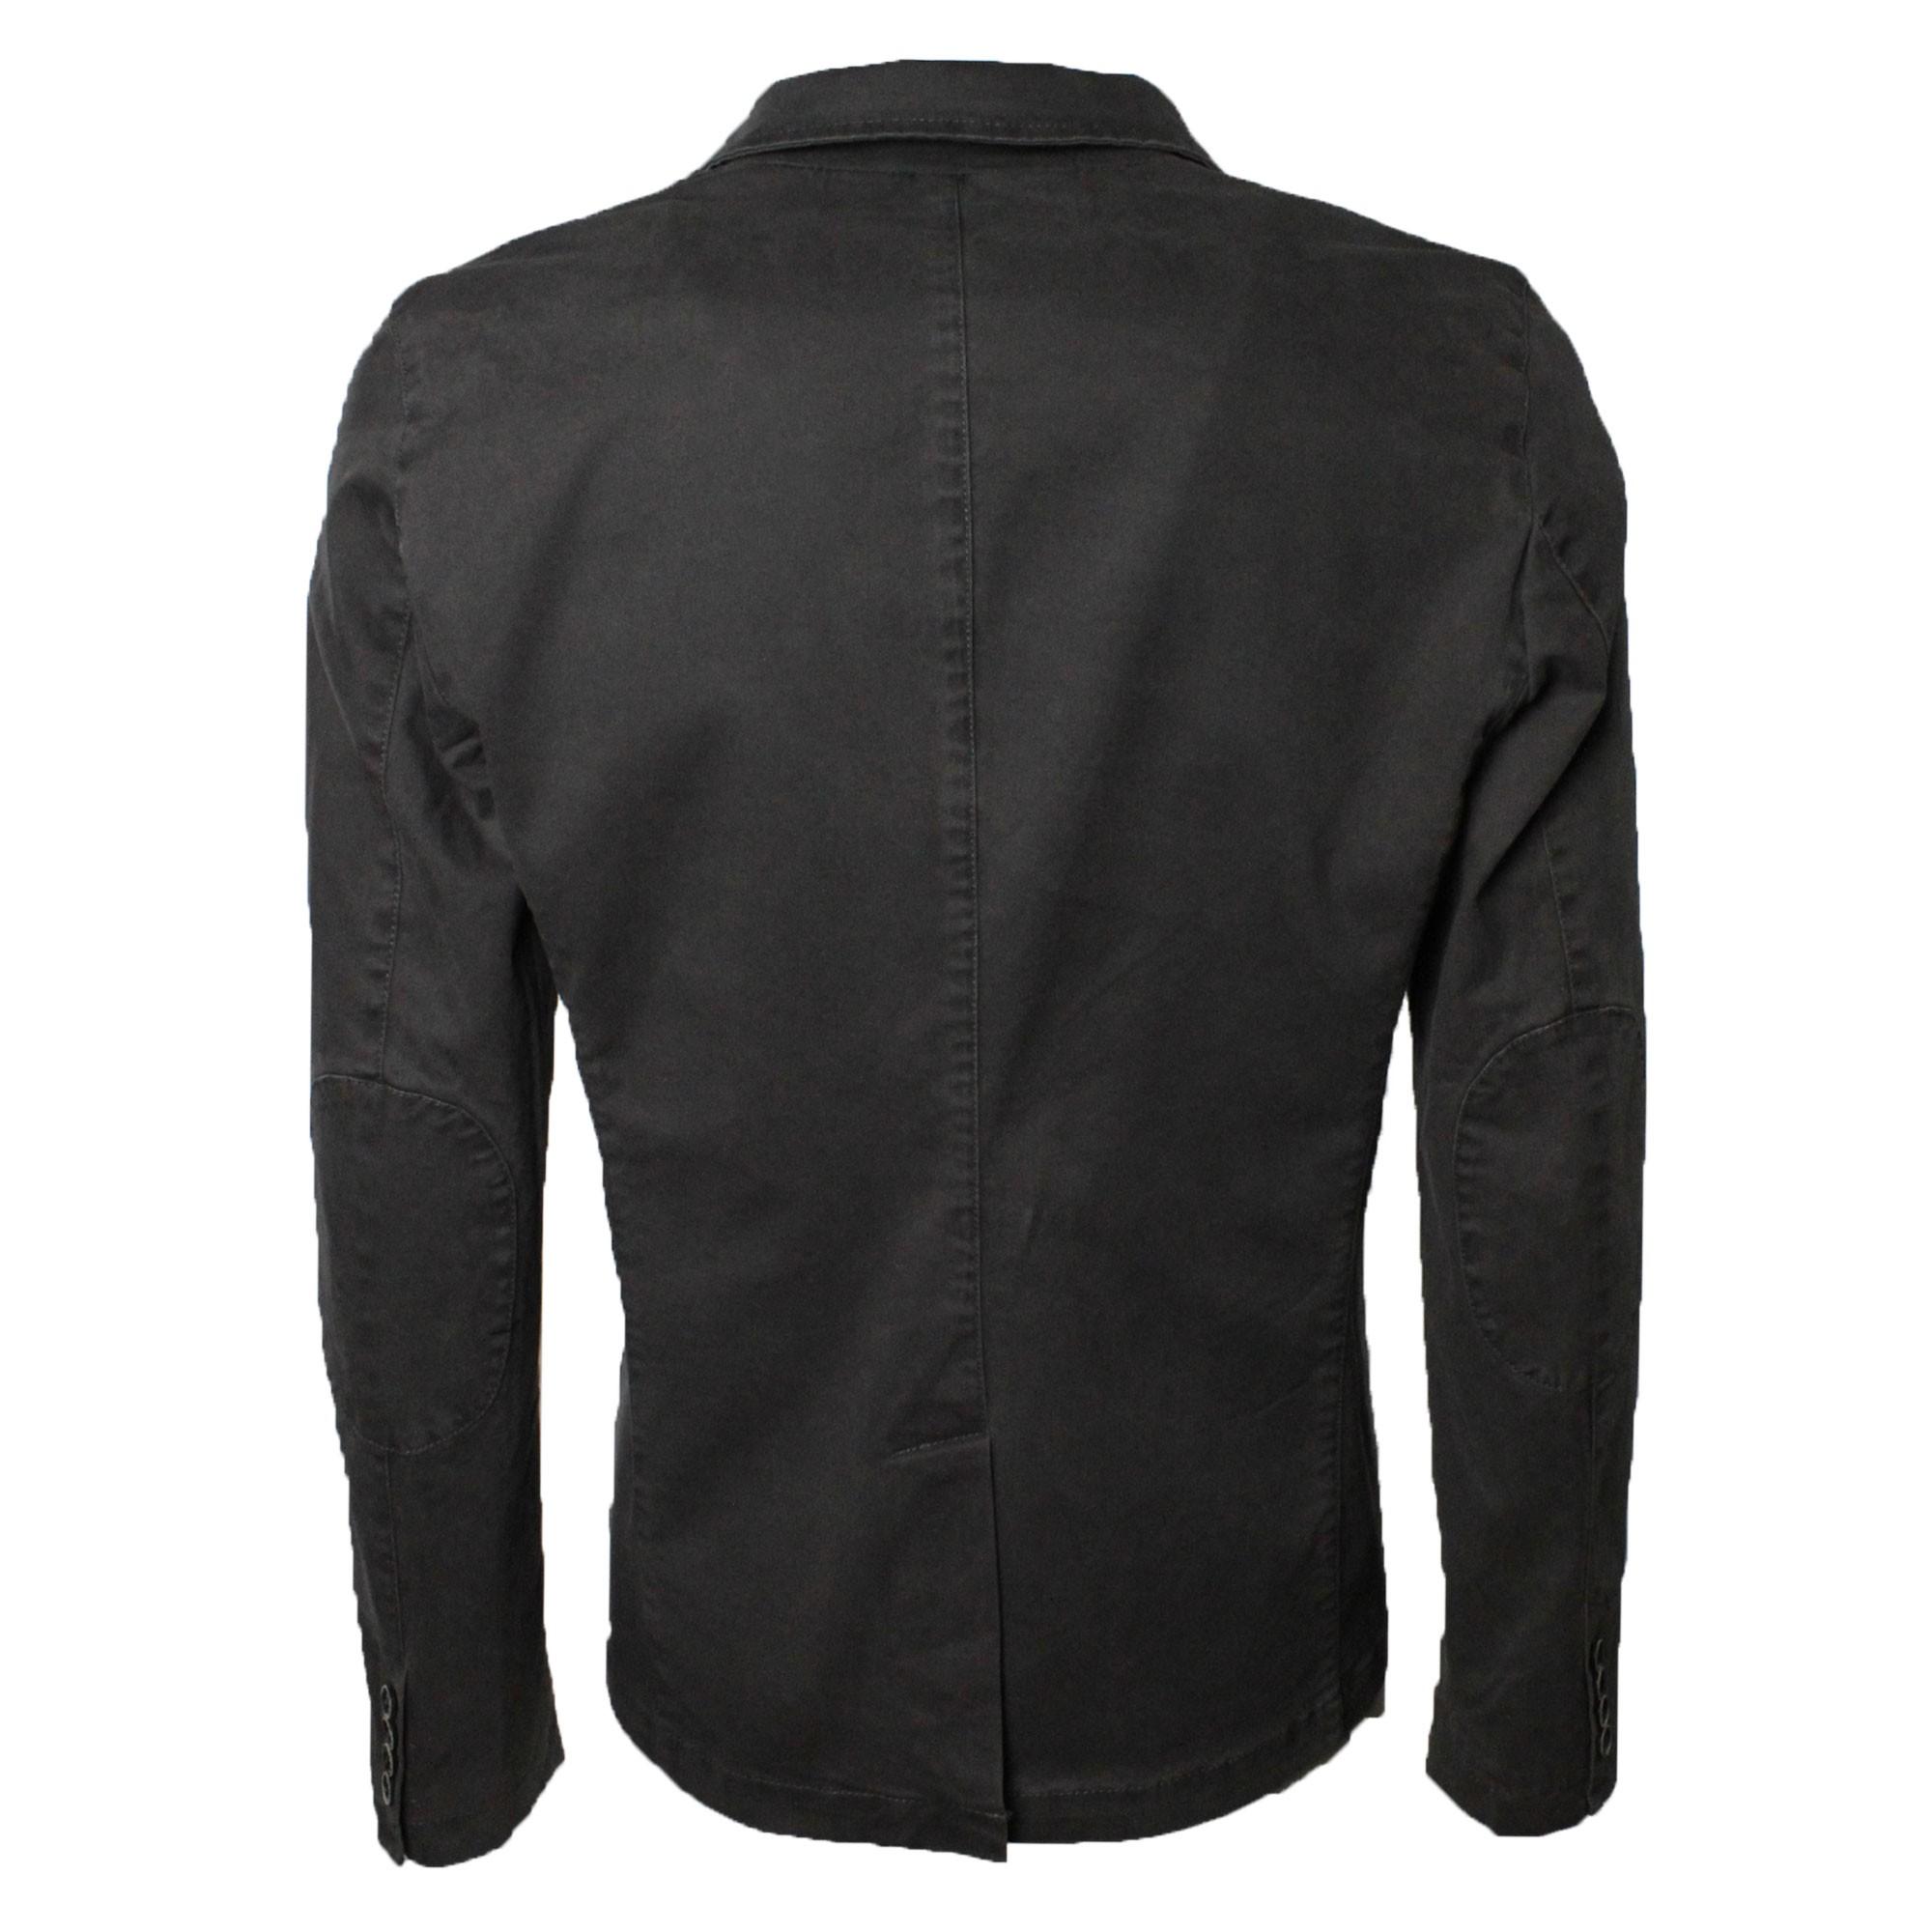 Giacca-Uomo-Elegante-Estiva-Slim-Fit-Blazer-in-Cotone-con-Toppe-Grigio-Sportiva miniatura 5